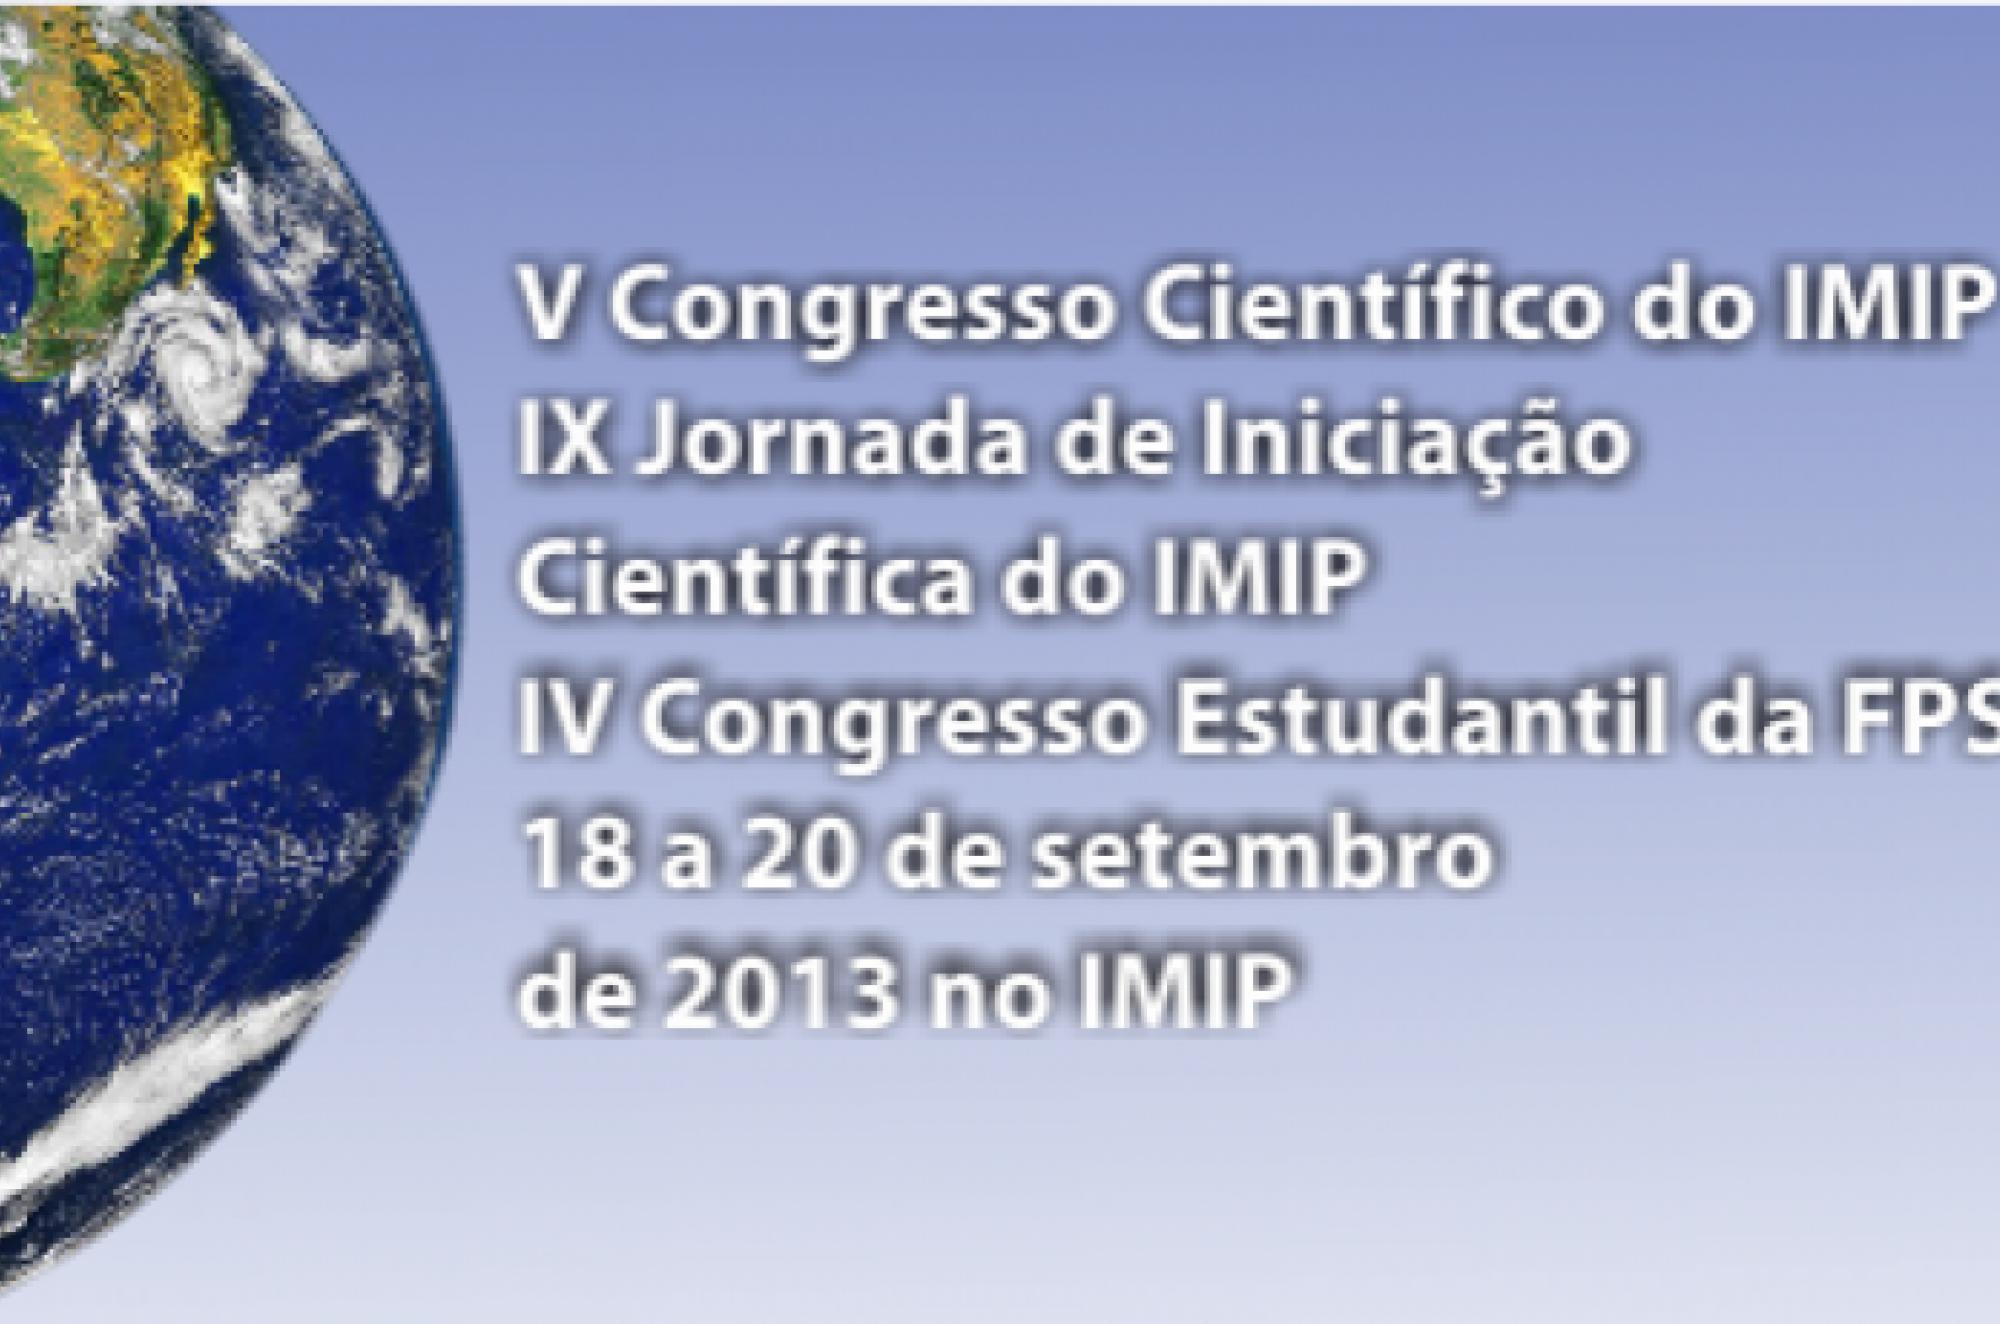 Informações sobre congresso do IMIP